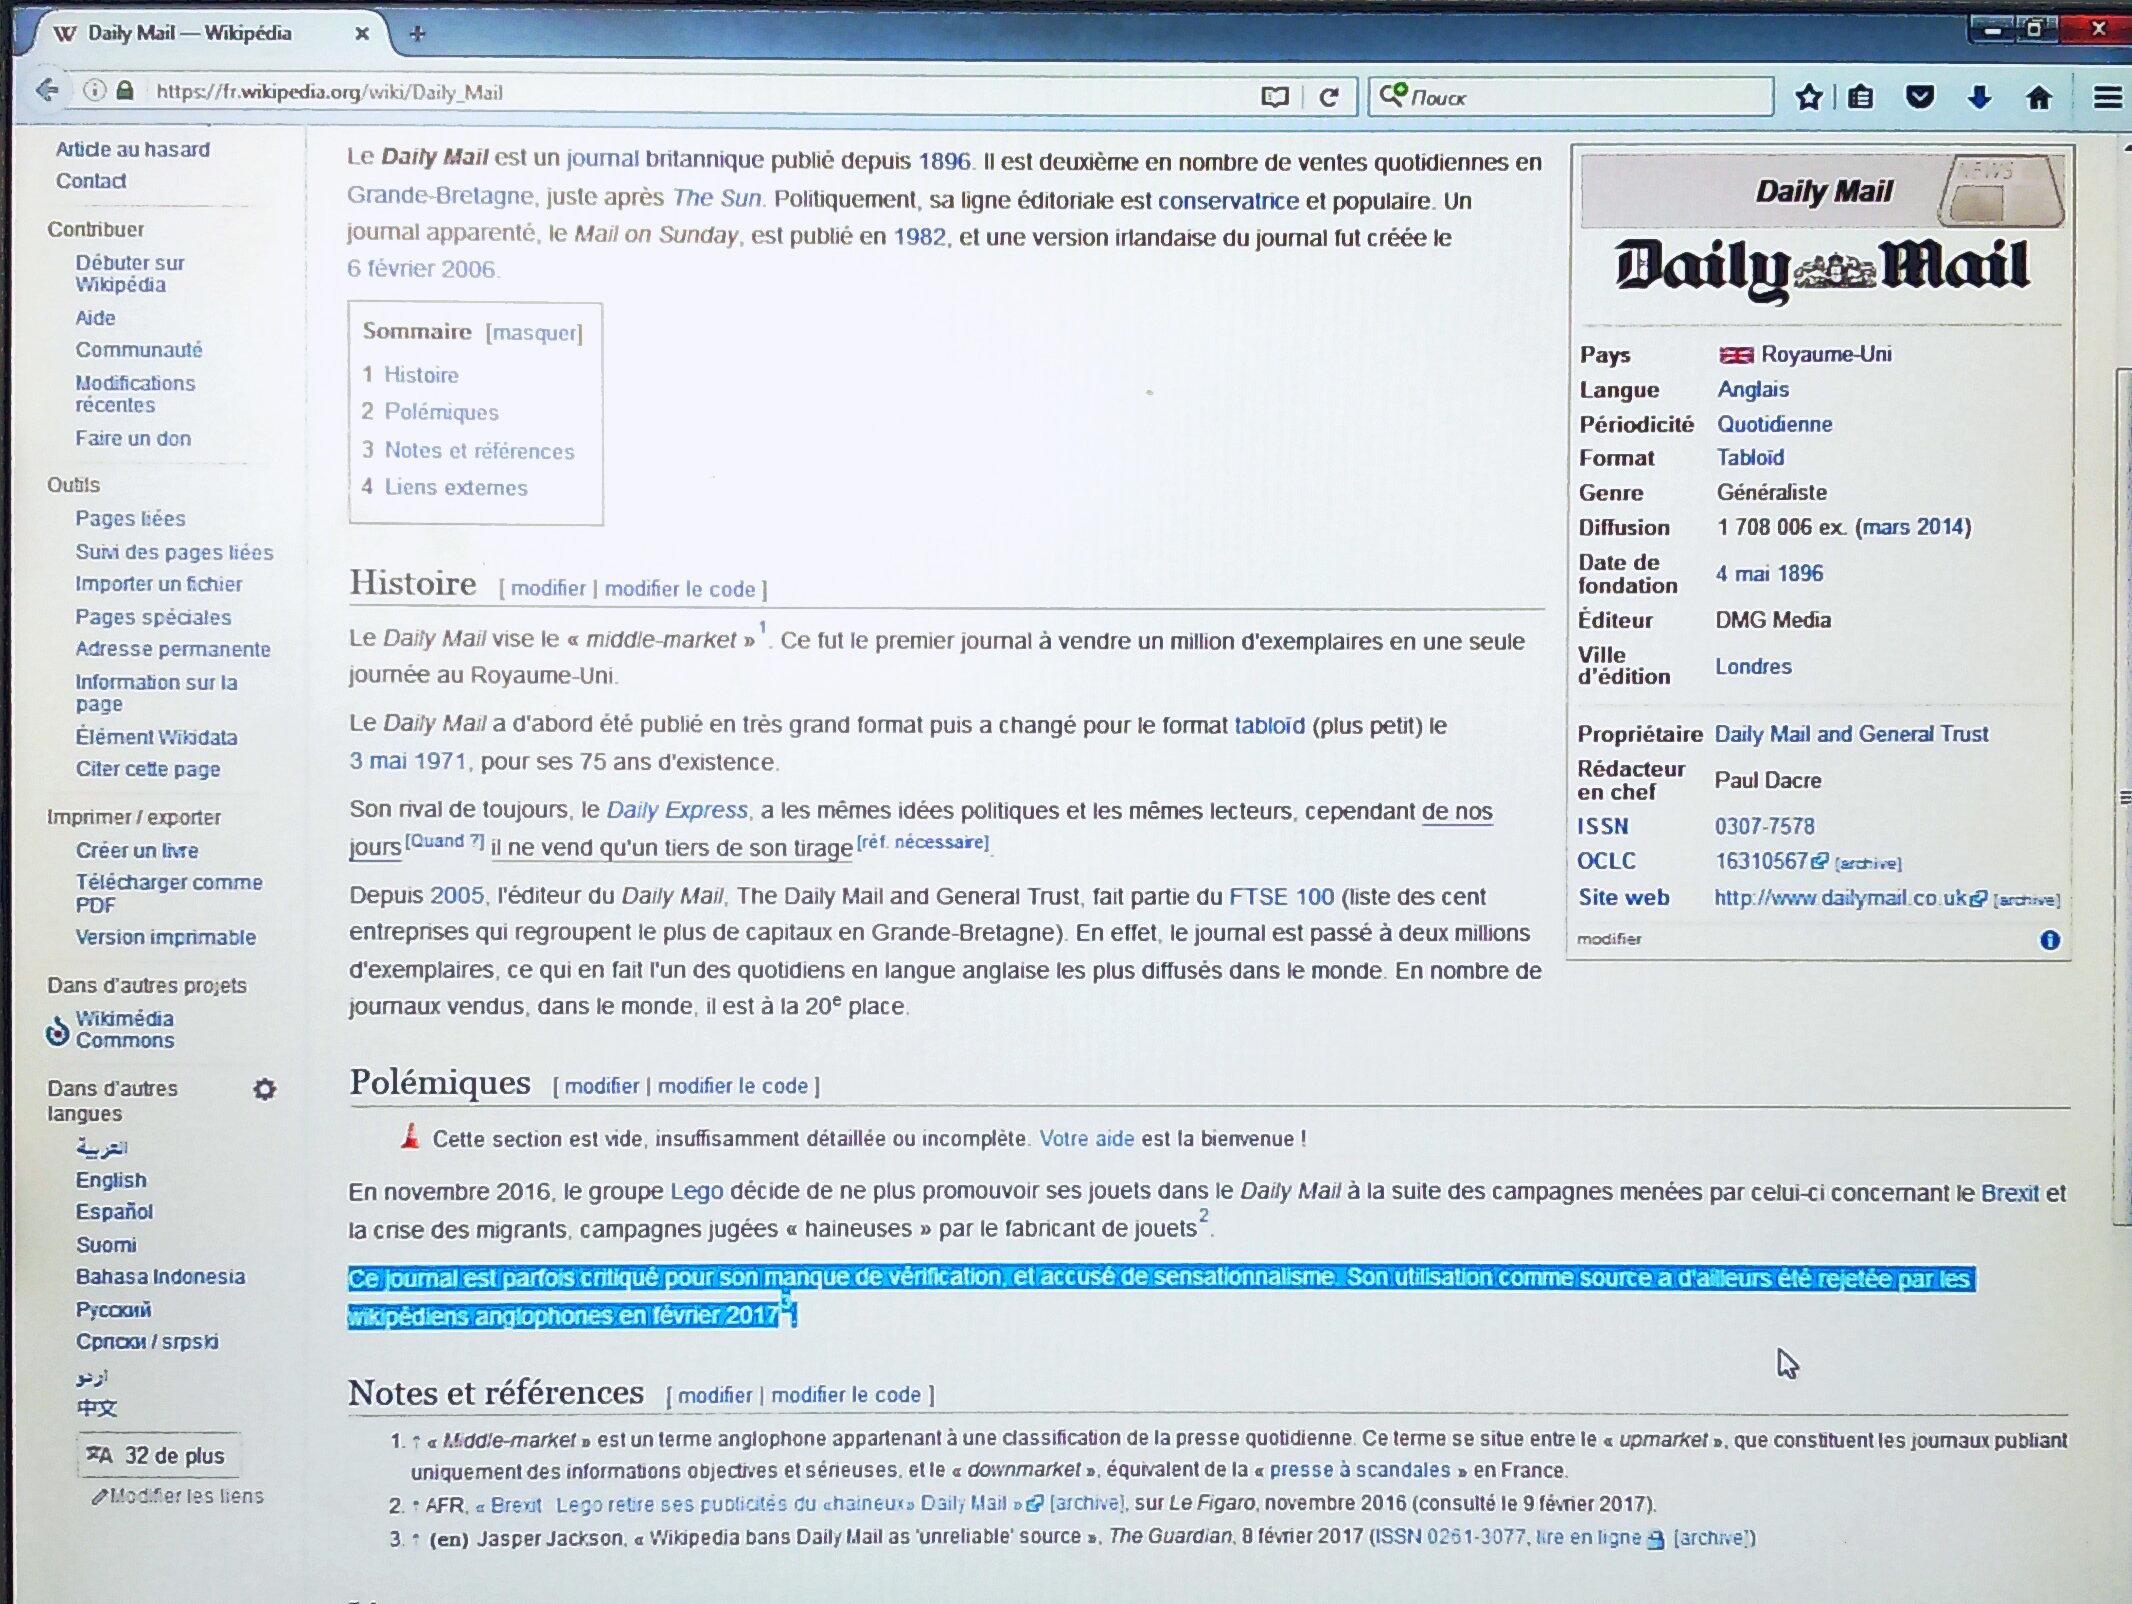 Daily Mail / Wikipedia